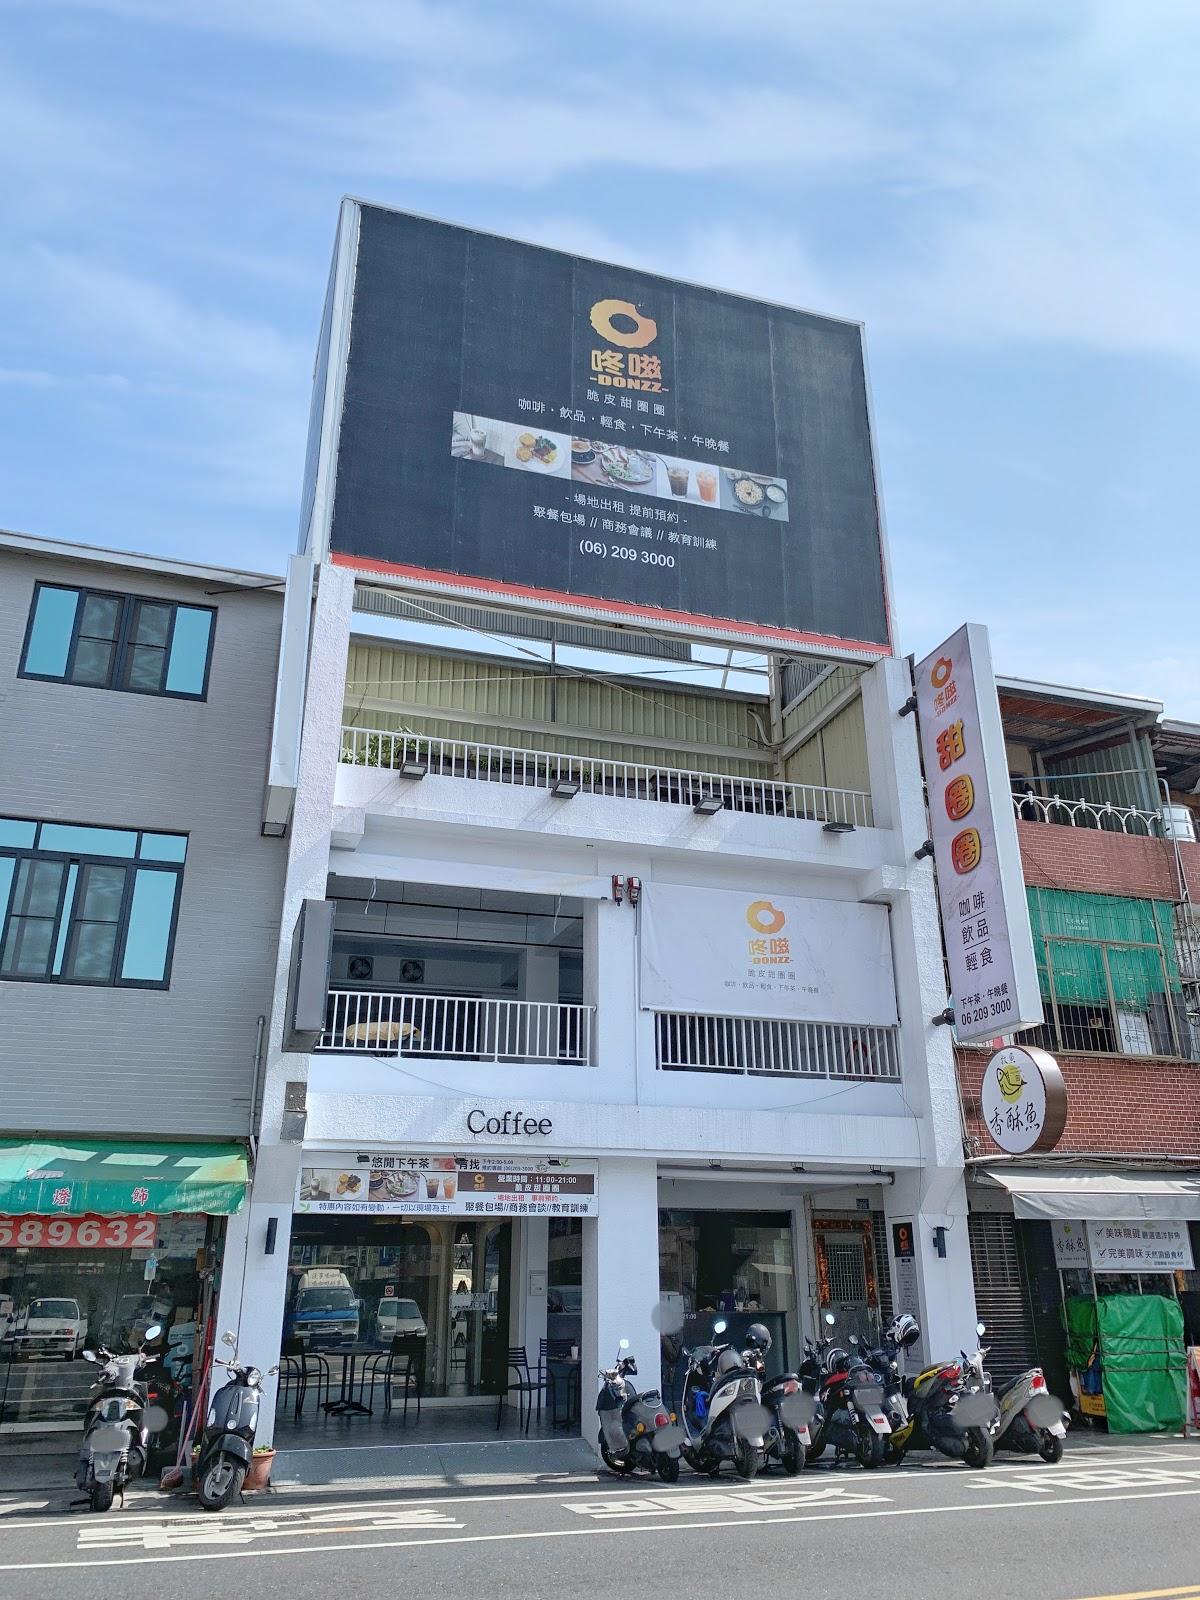 台南東區美食【咚嗞咖啡】店家外觀